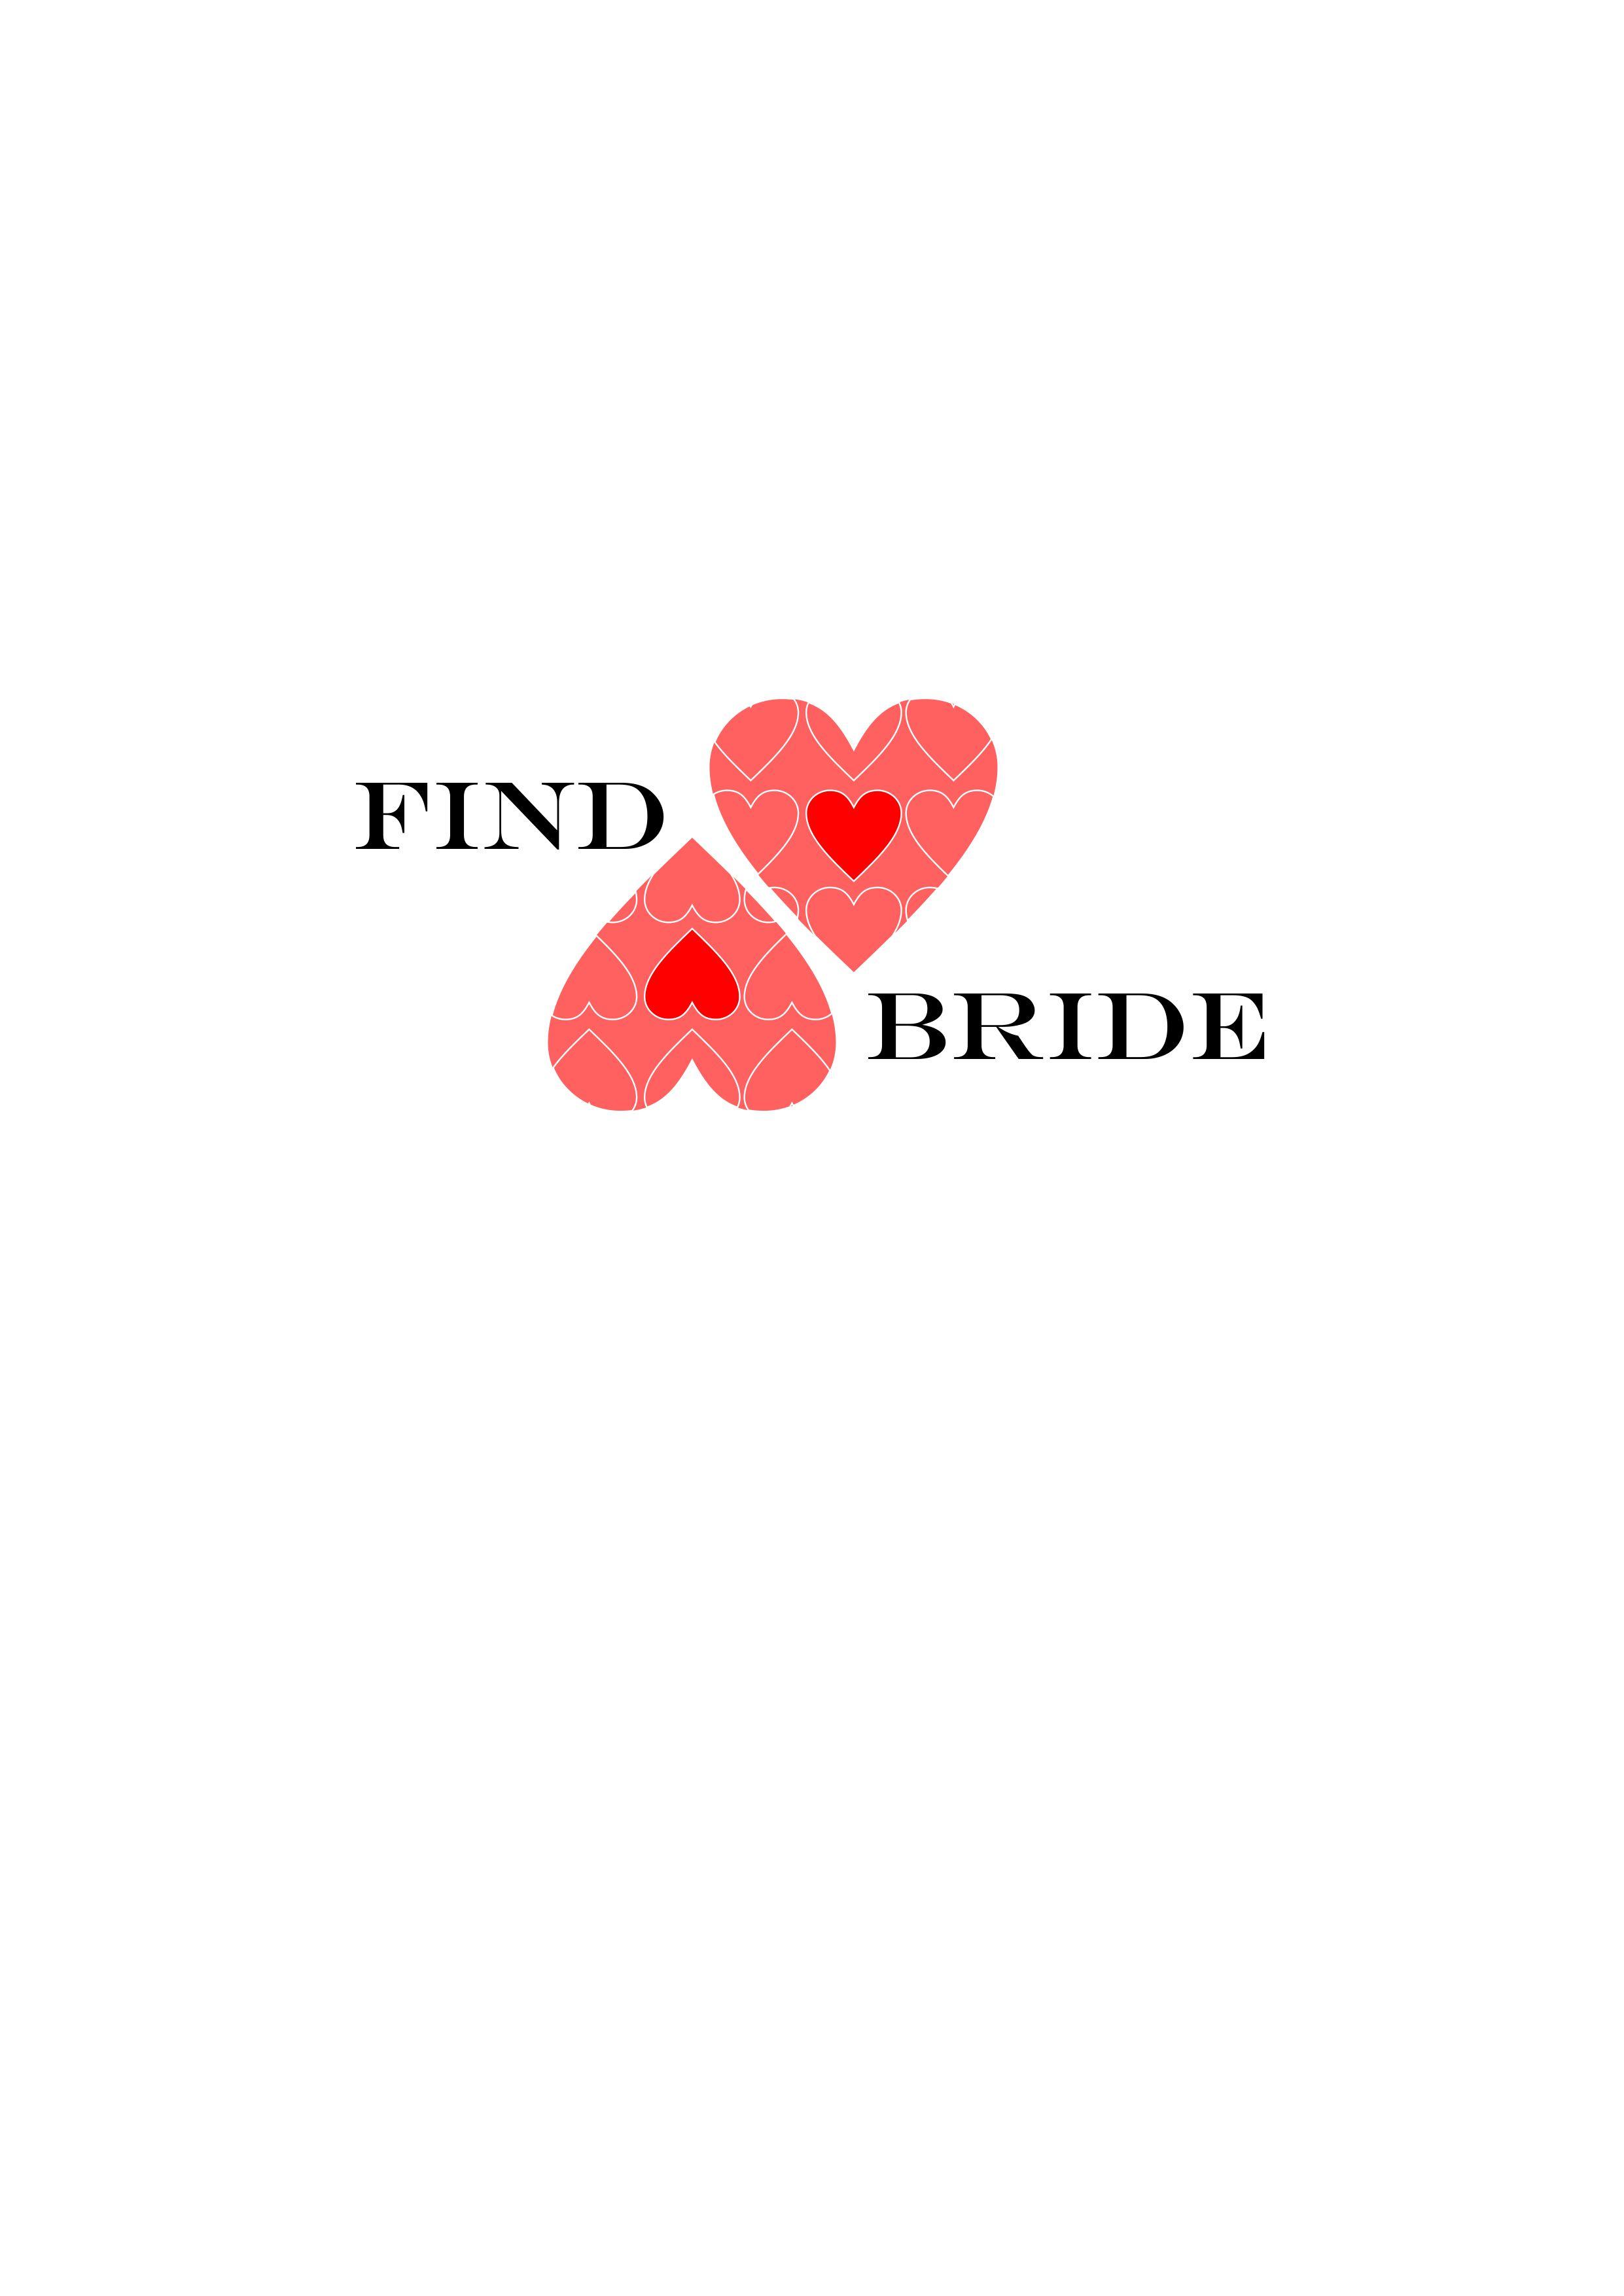 Нарисовать логотип сайта знакомств фото f_5735ace5c02de5f4.jpg